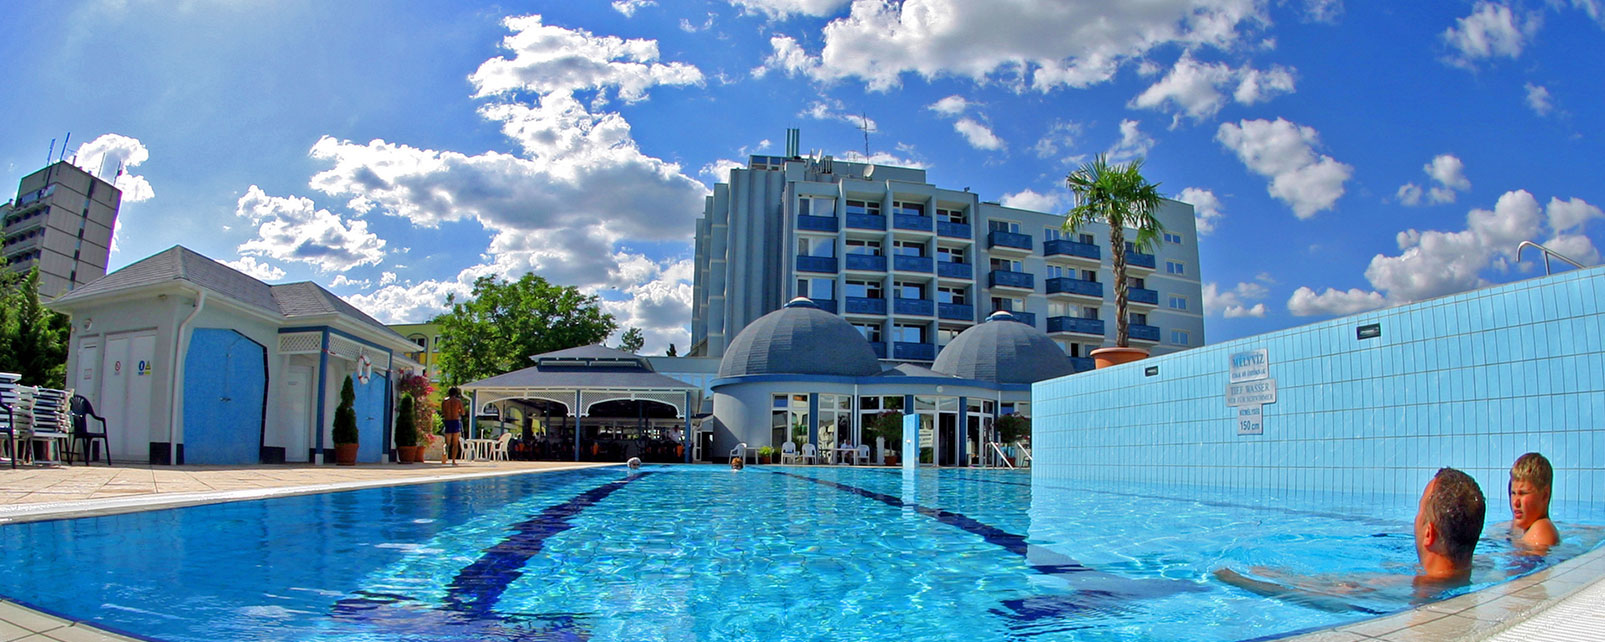 Componi le tue offerte volo più hotel - Vacanze con Easyviaggio